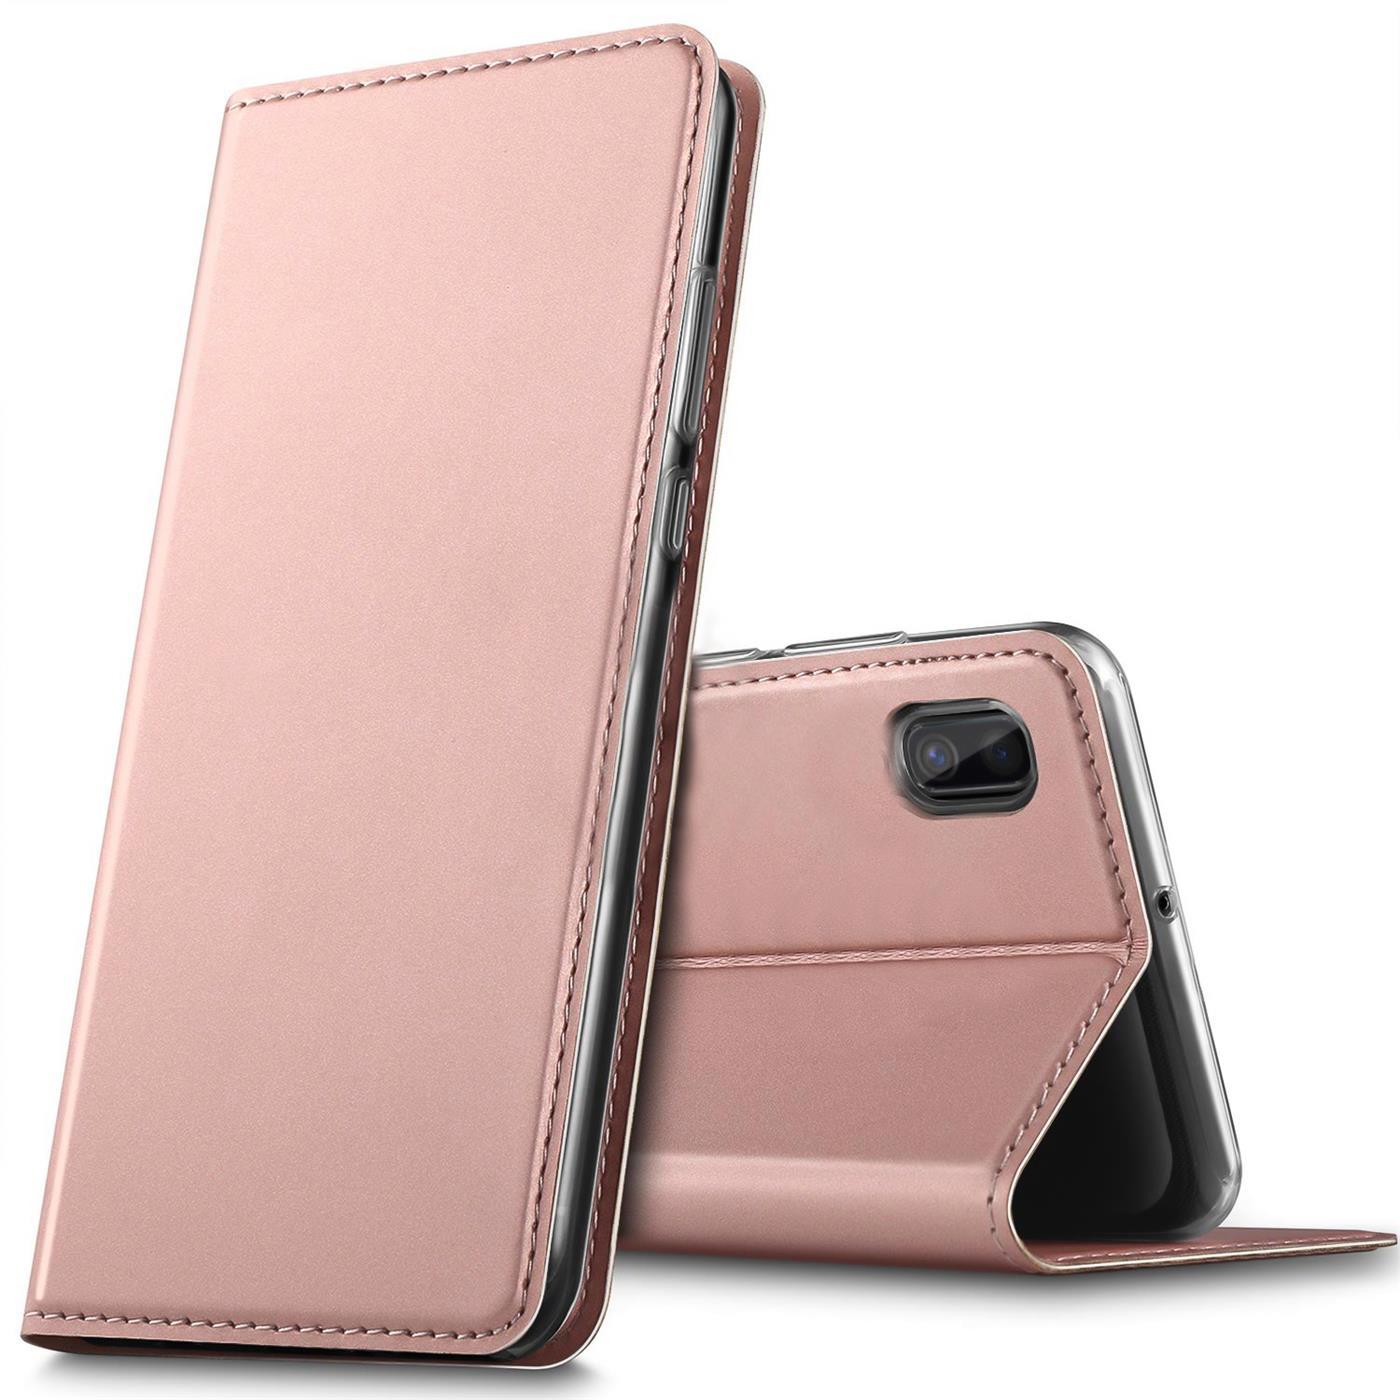 Samsung-Galaxy-A10-Handy-Schutz-Huelle-Tasche-Flip-Case-Klapphuelle-Schutzhuelle Indexbild 16